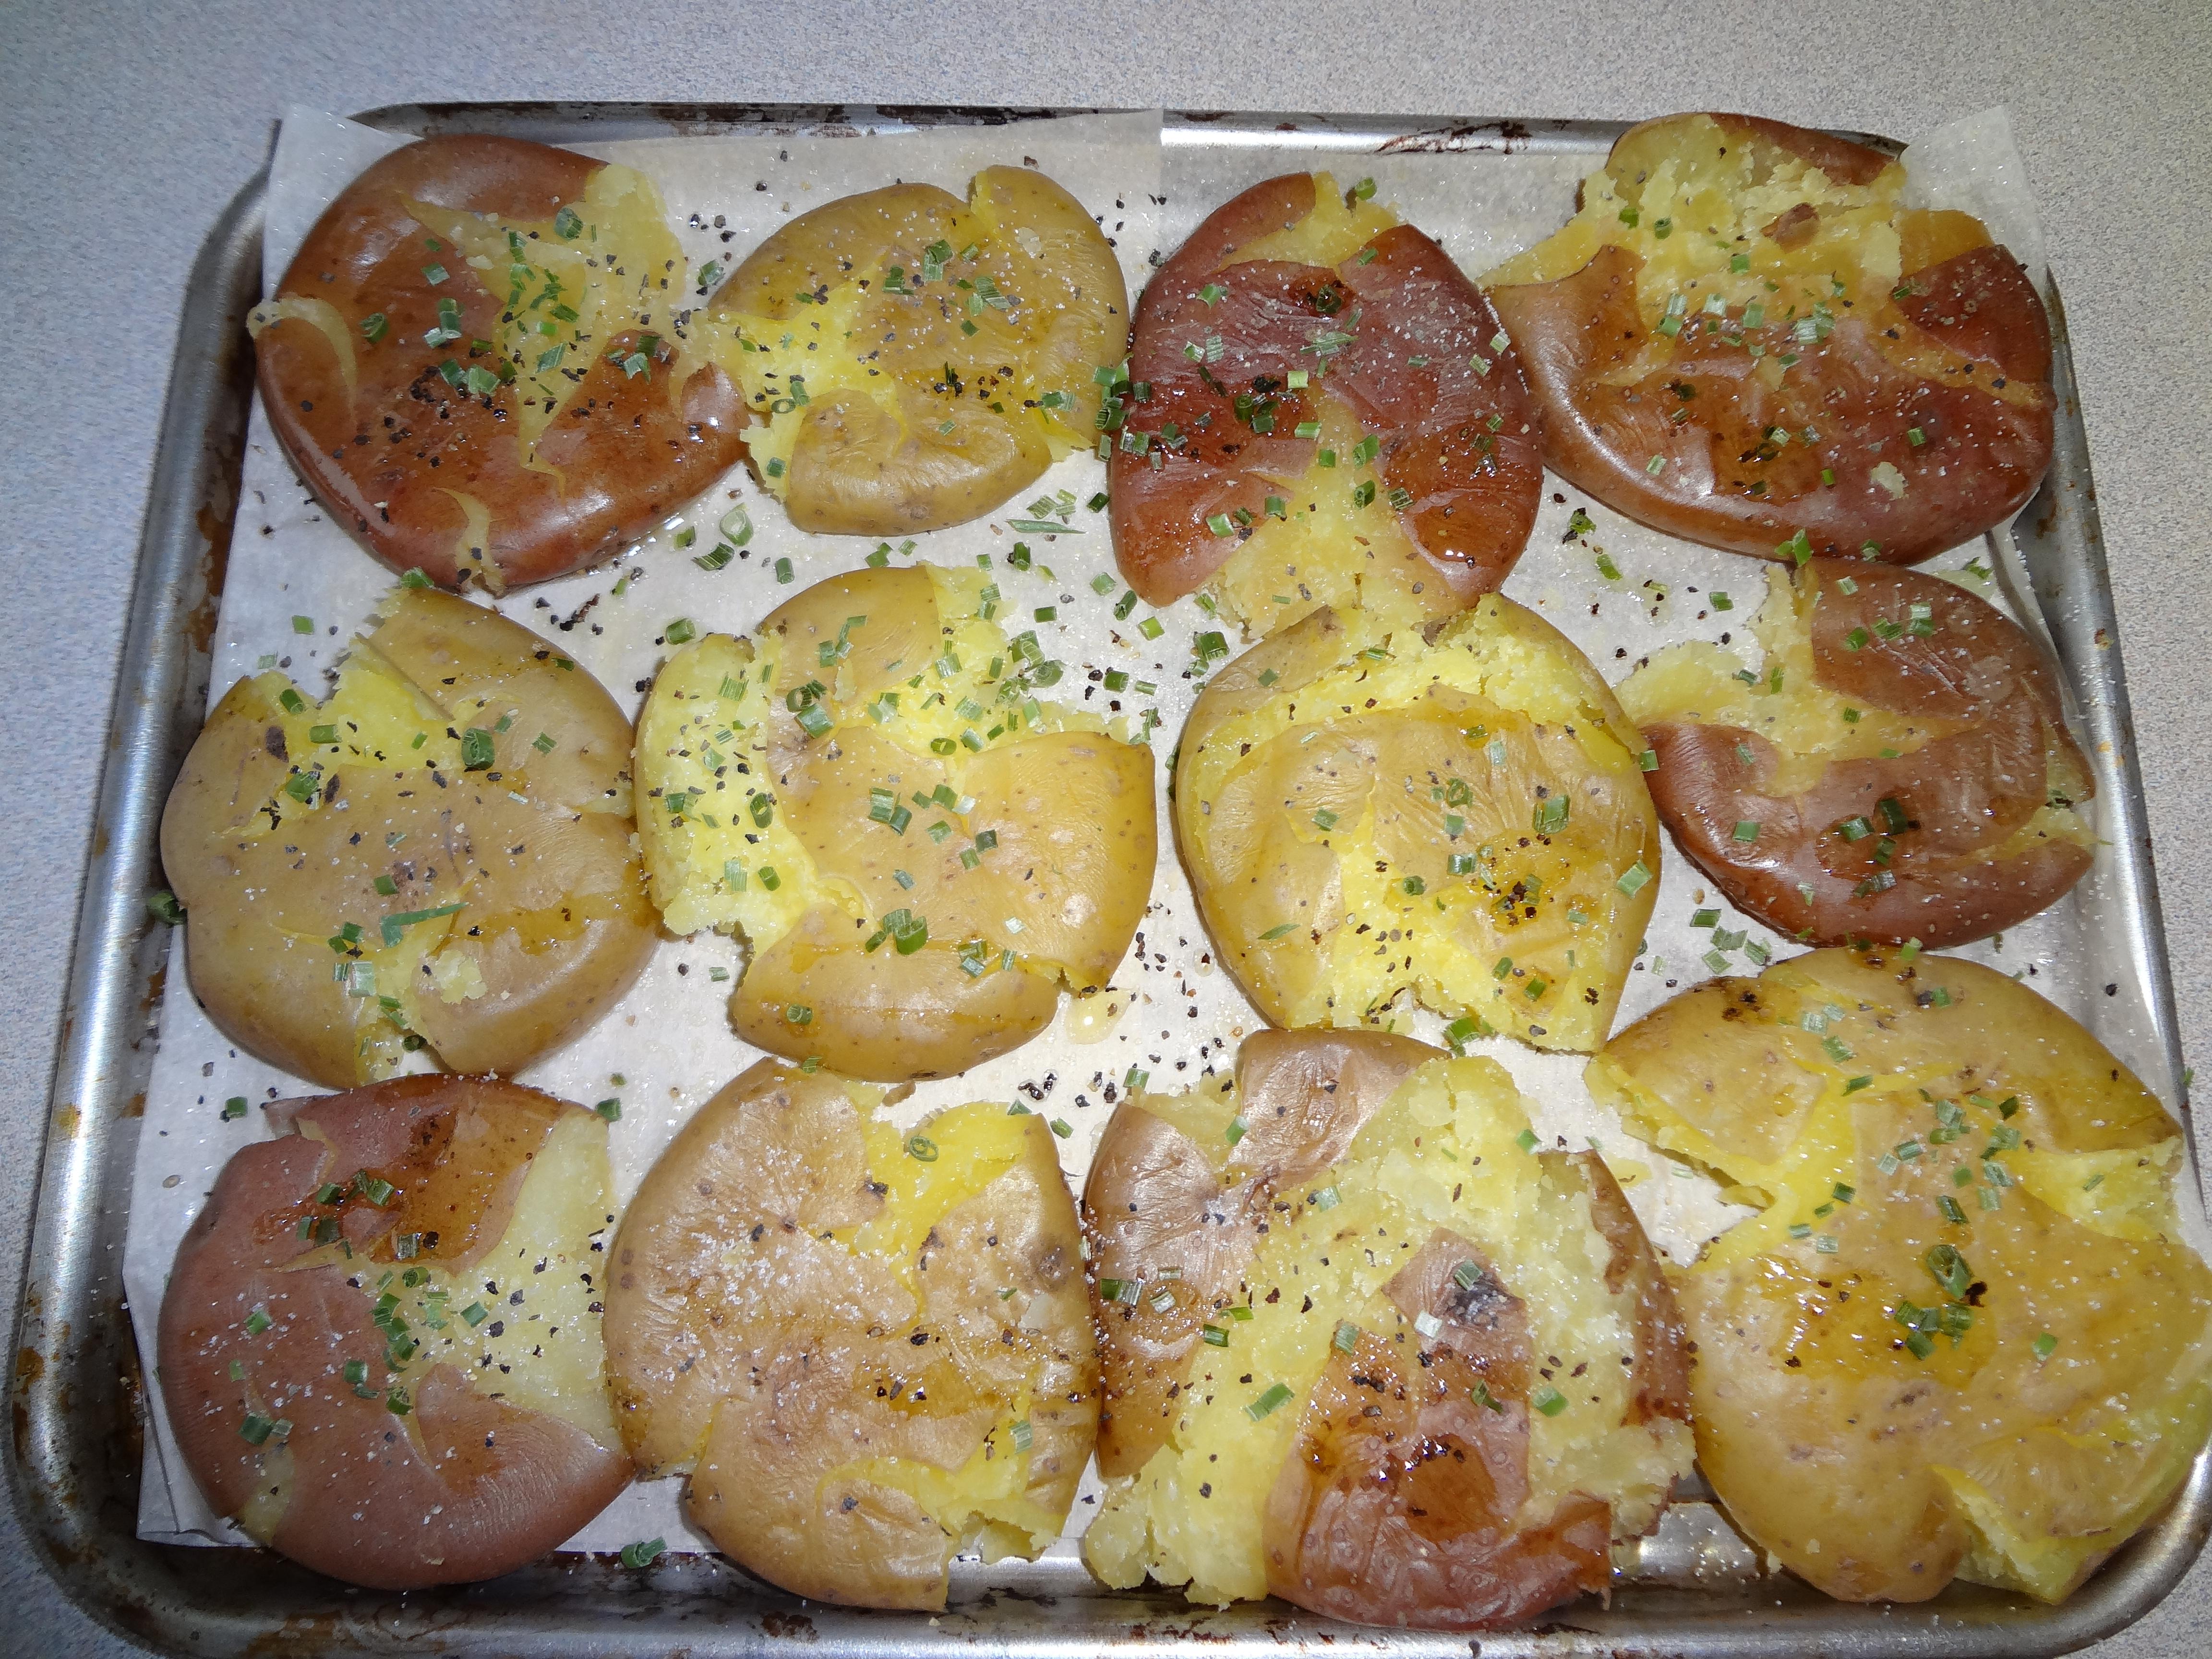 Crash Hot Potatoes Recipes — Dishmaps